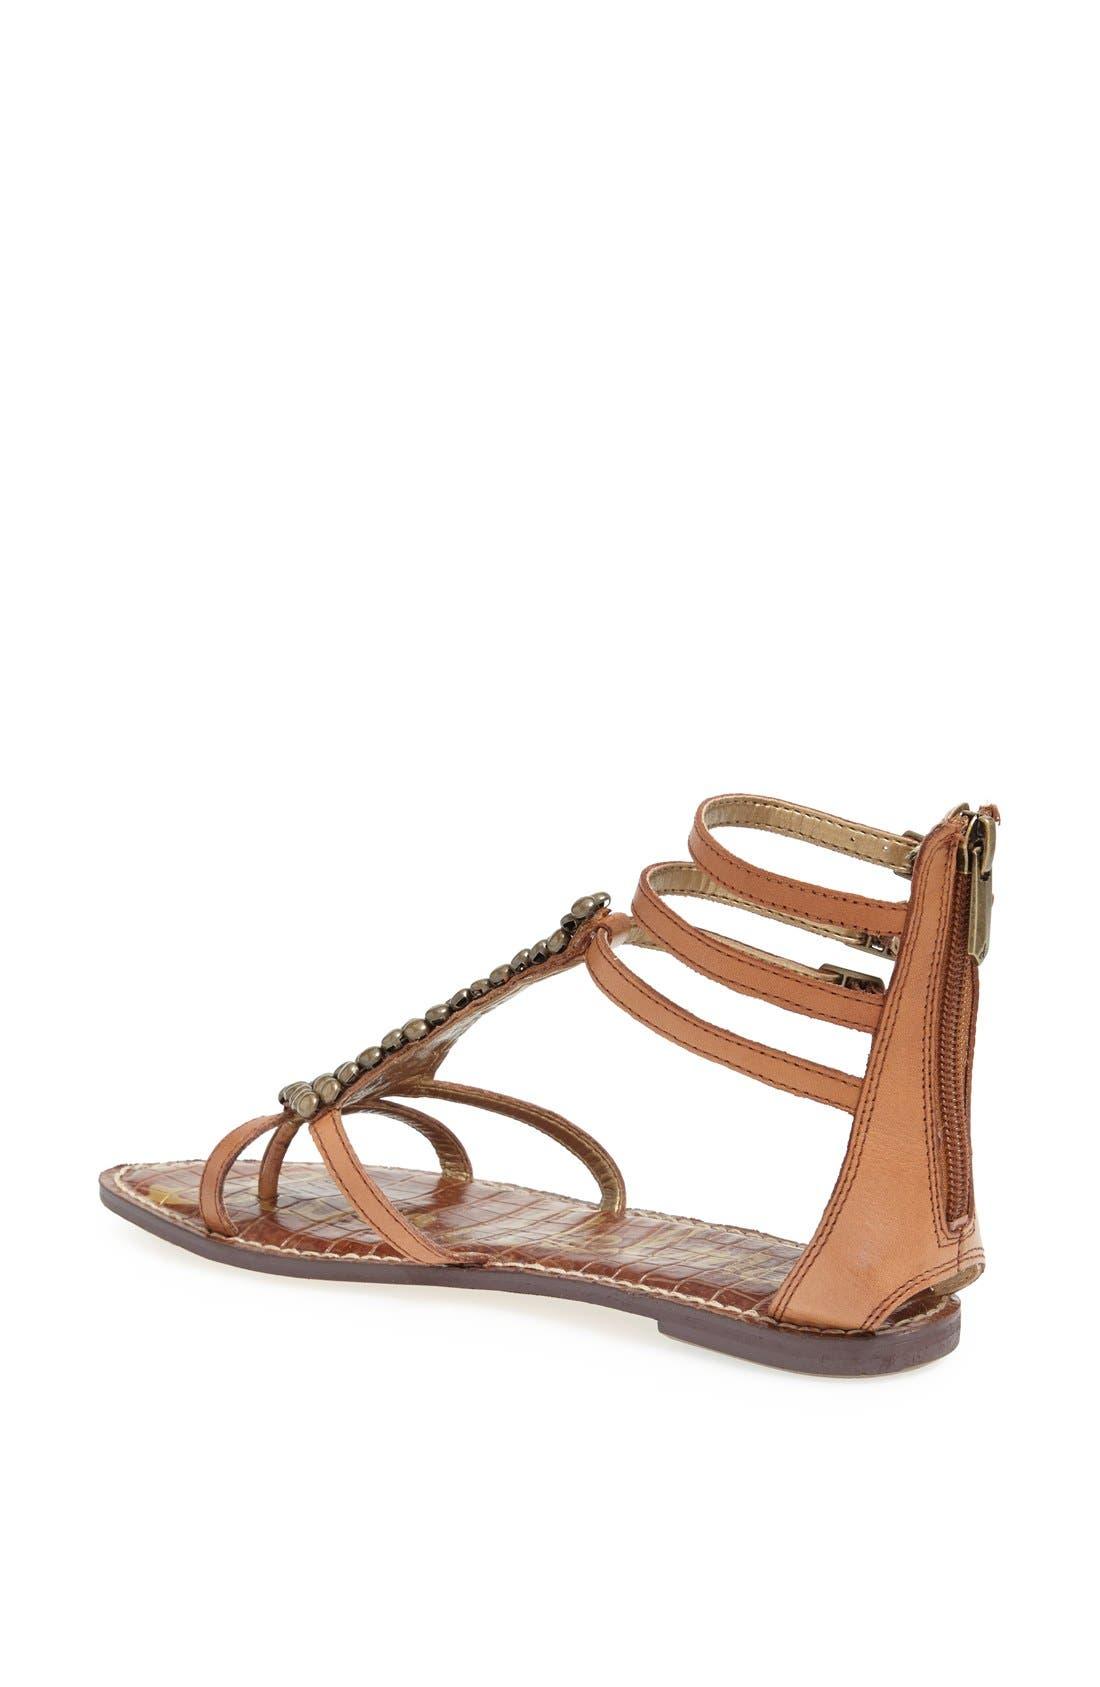 Alternate Image 2  - Sam Edelman 'Ginger' Sandal